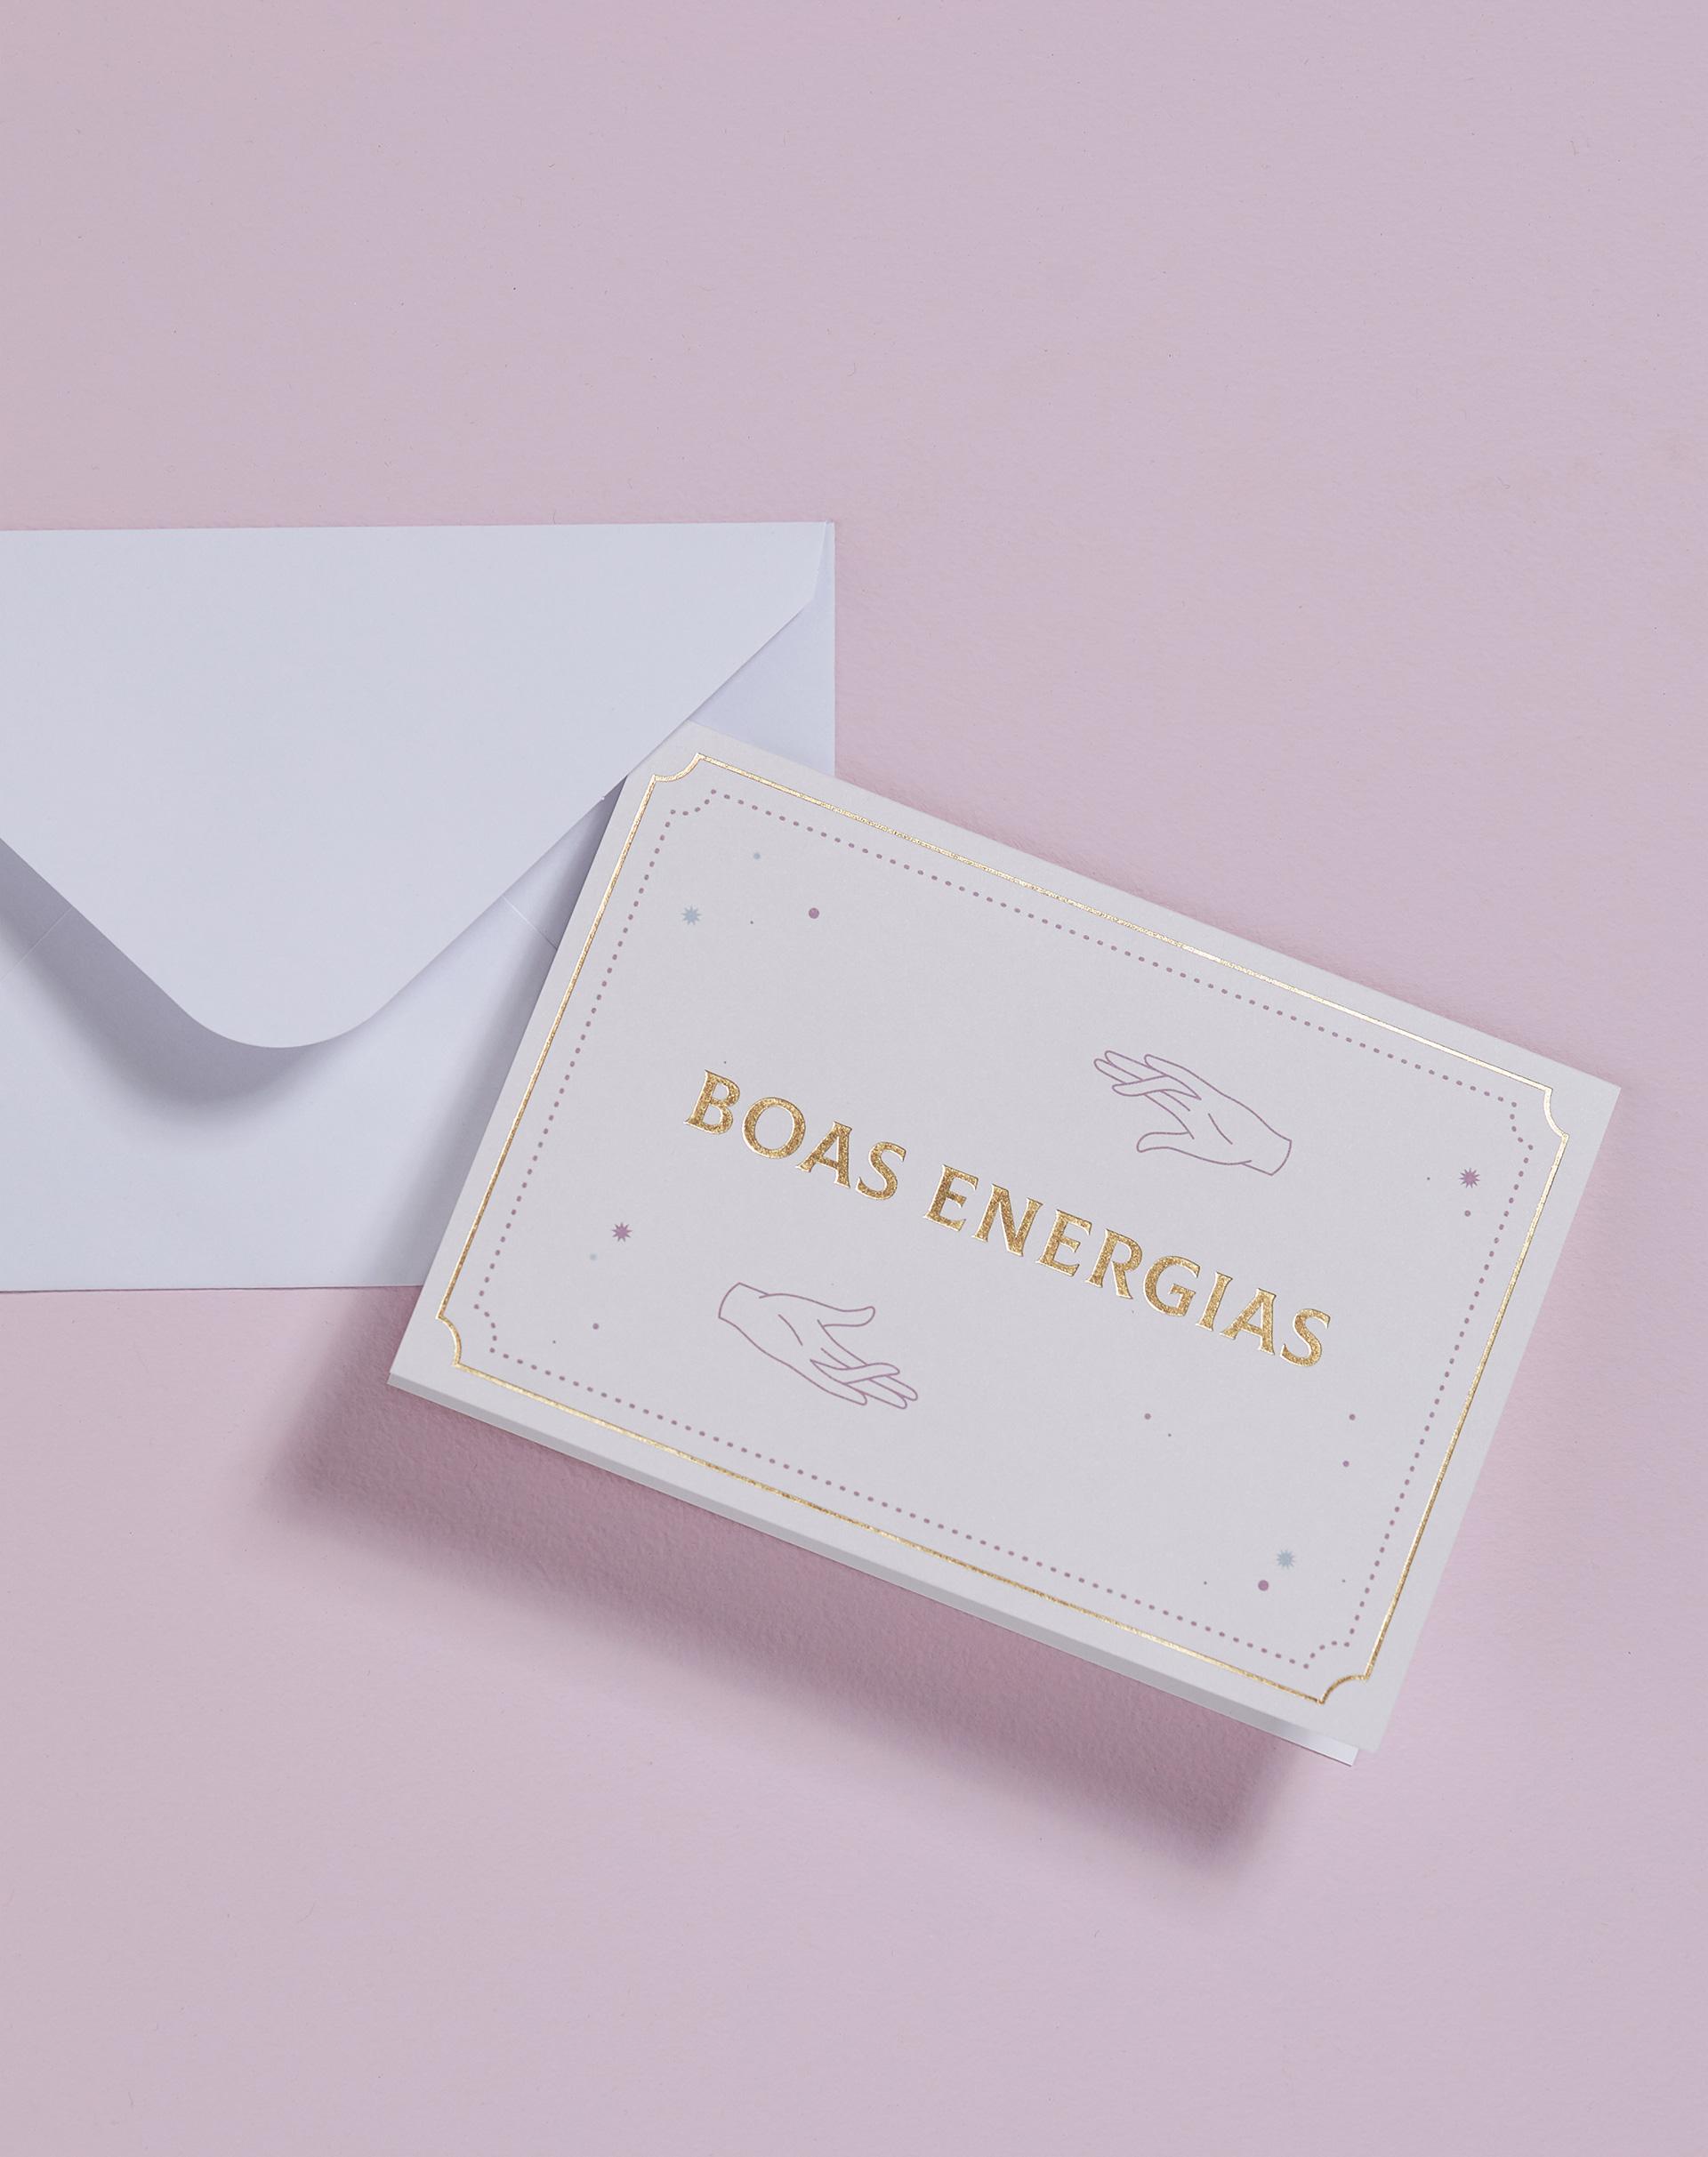 AMARO Feminino CARTÃO BOAS ENERGIAS, MULTI COLORIDO